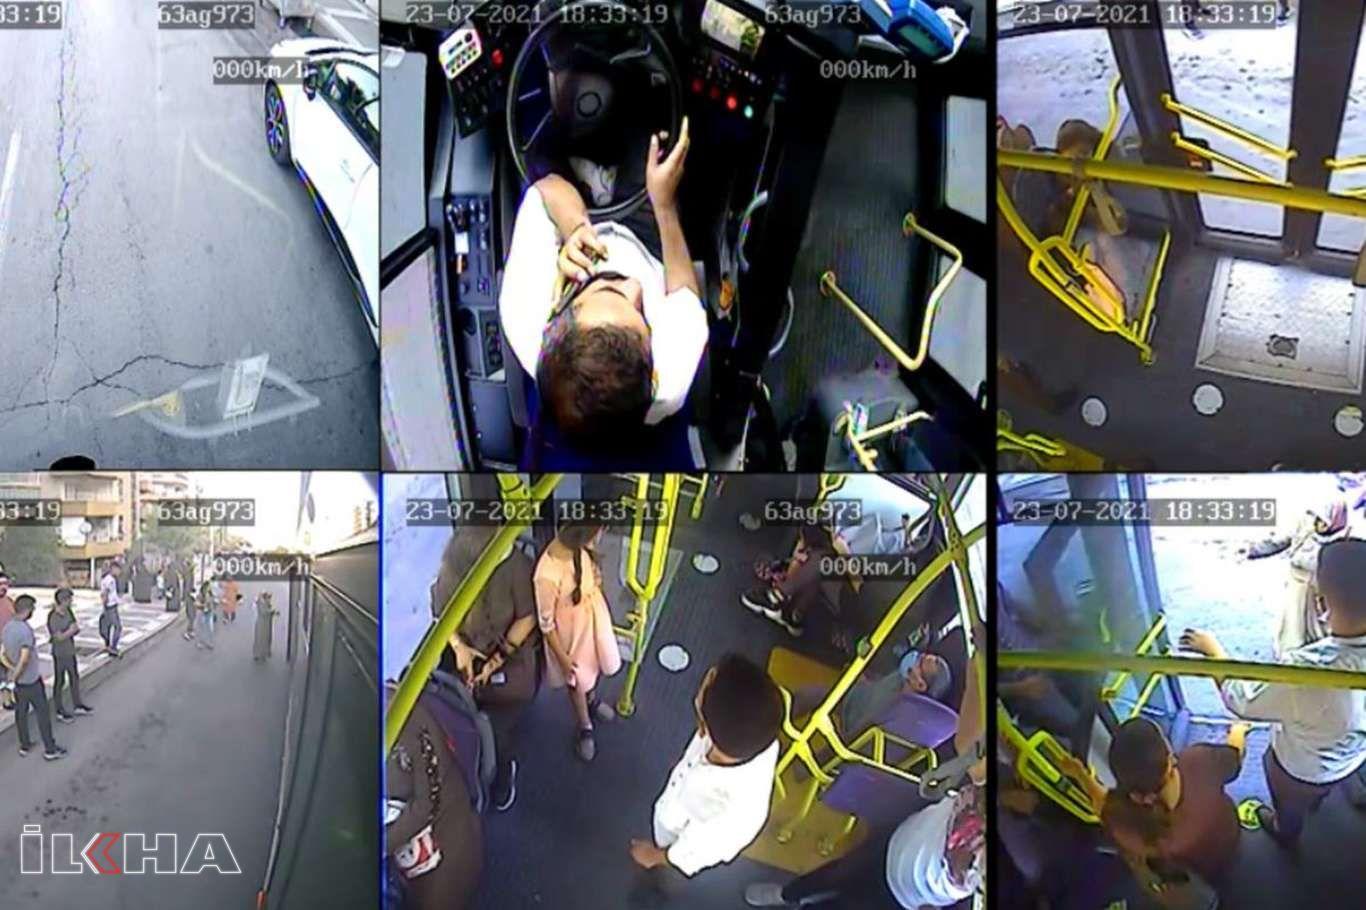 Toplu taşıma aracında fenalaşan yolcu hastaneye ulaştırıldı